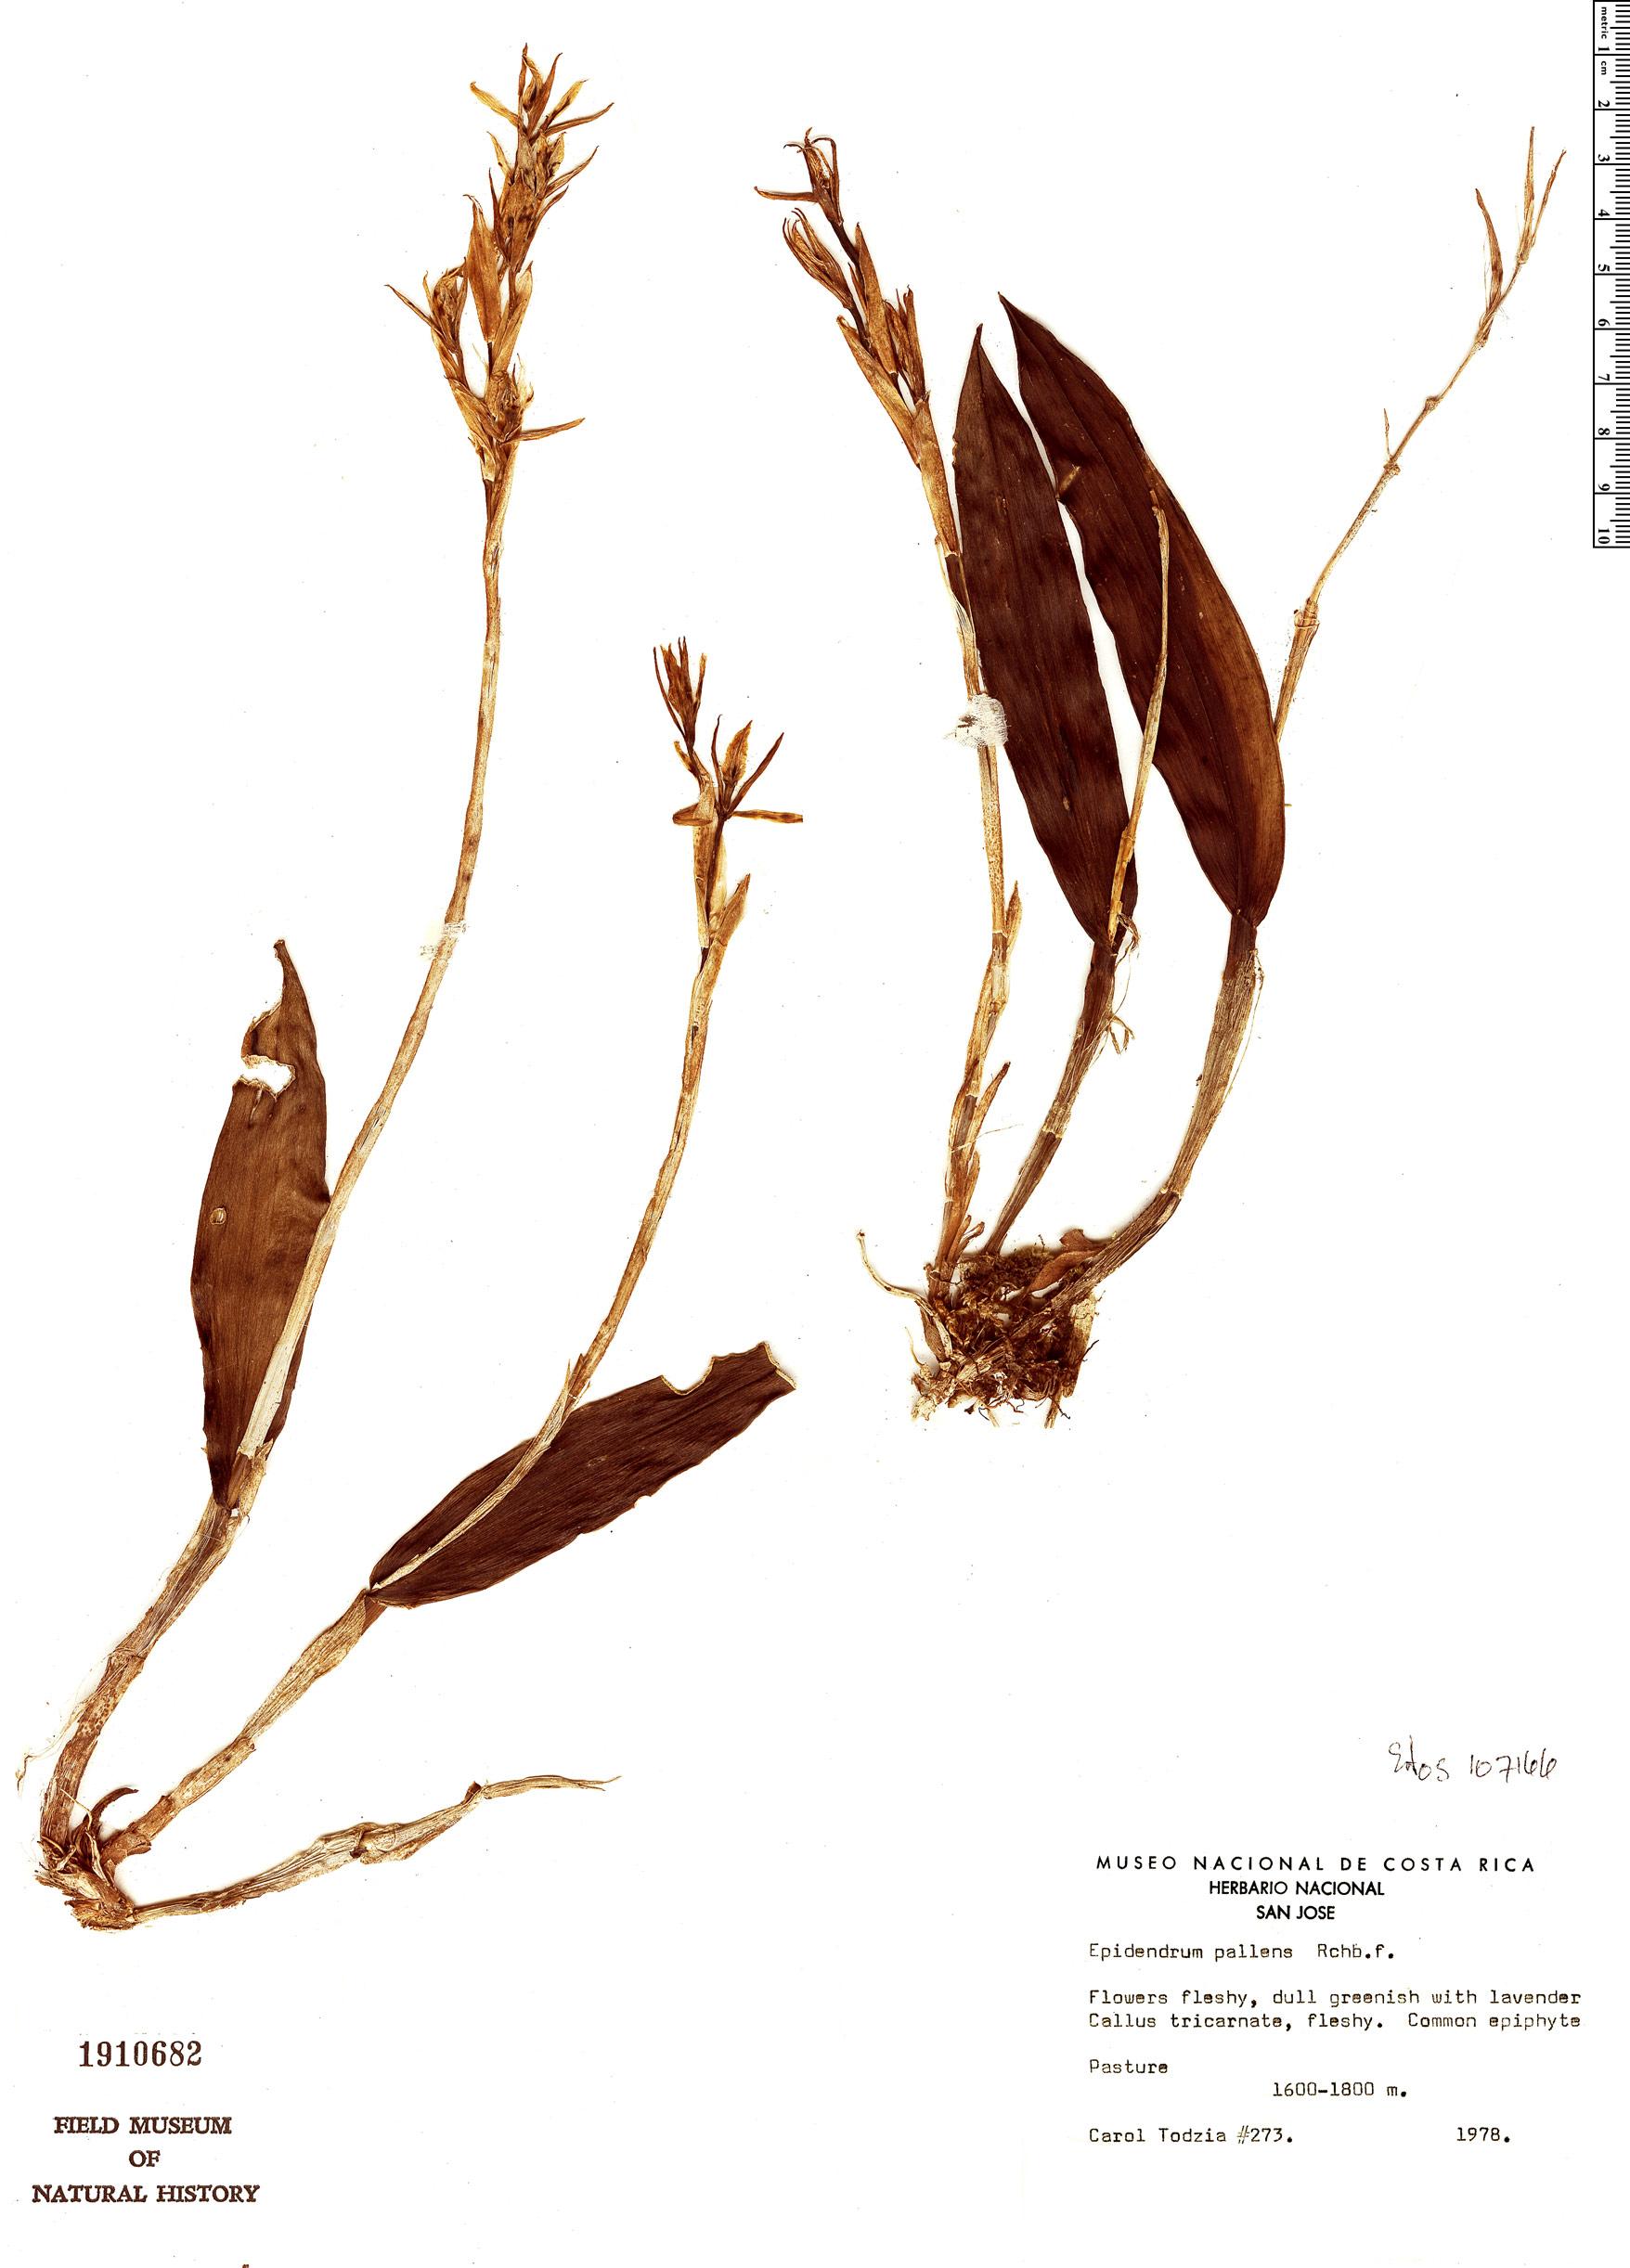 Espécime: Epidendrum pallens